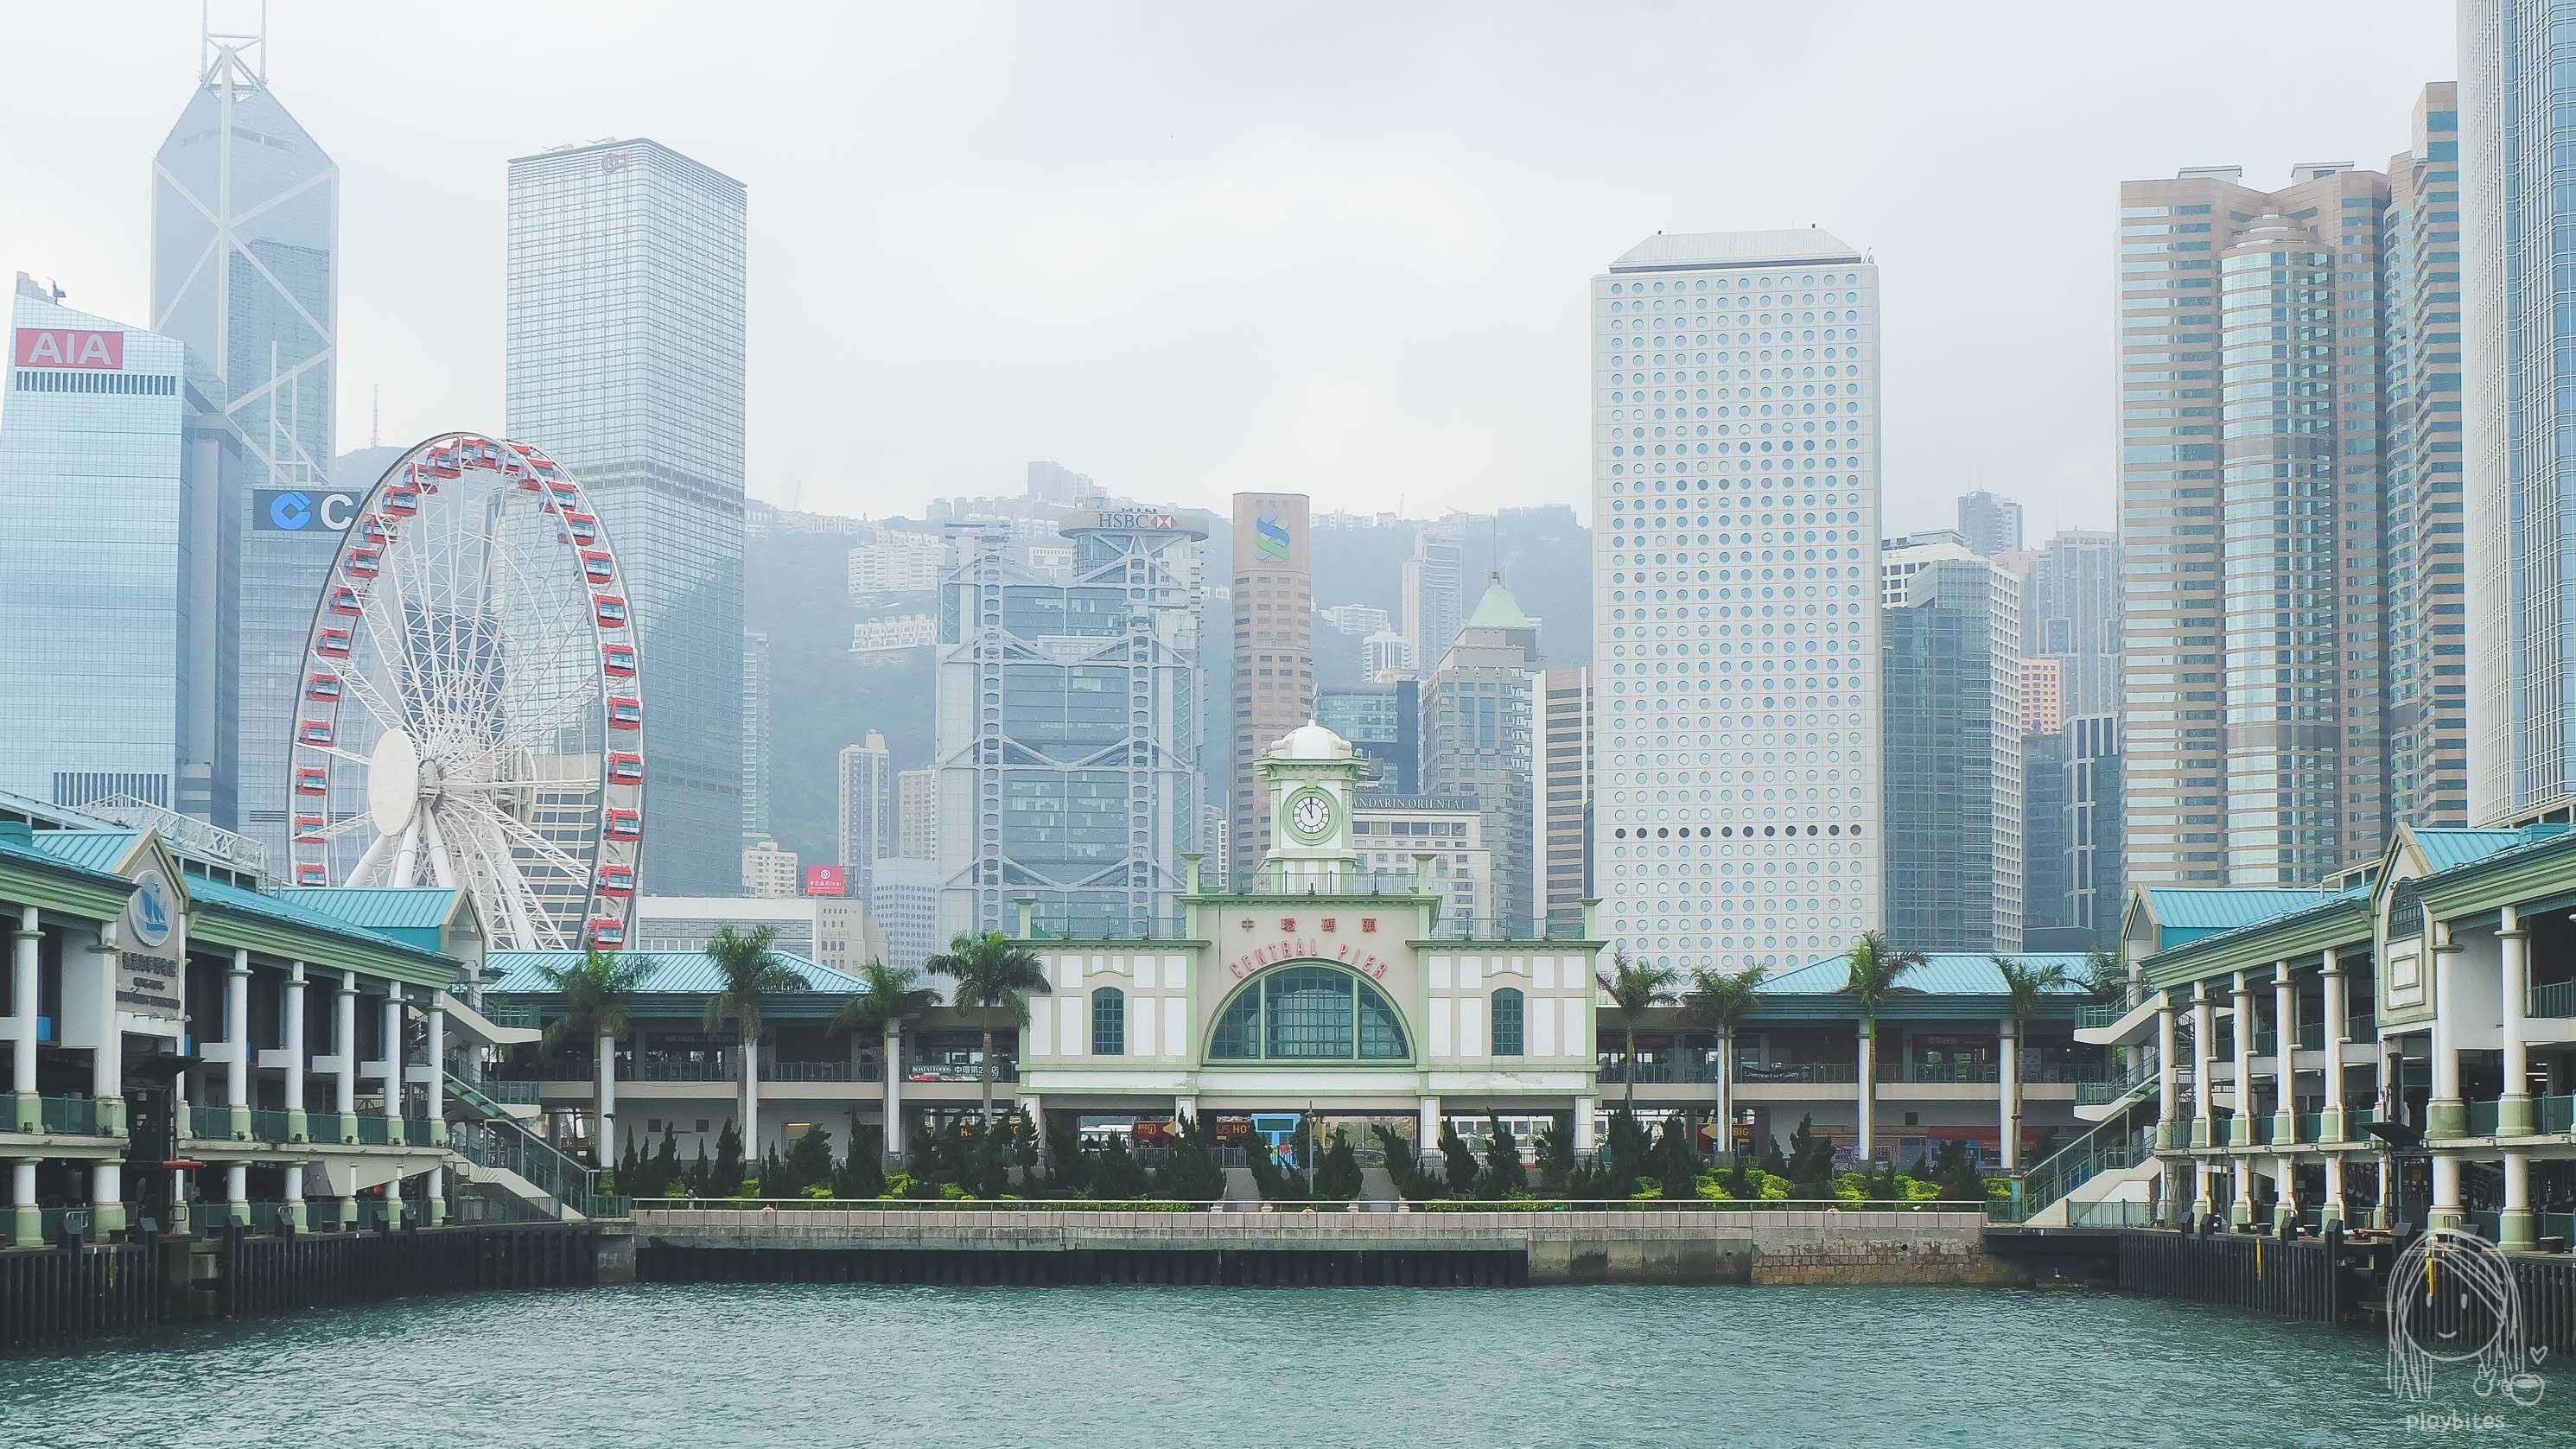 Central Pier Hong Kong Hong Kong Travel Hong Kong New York Skyline